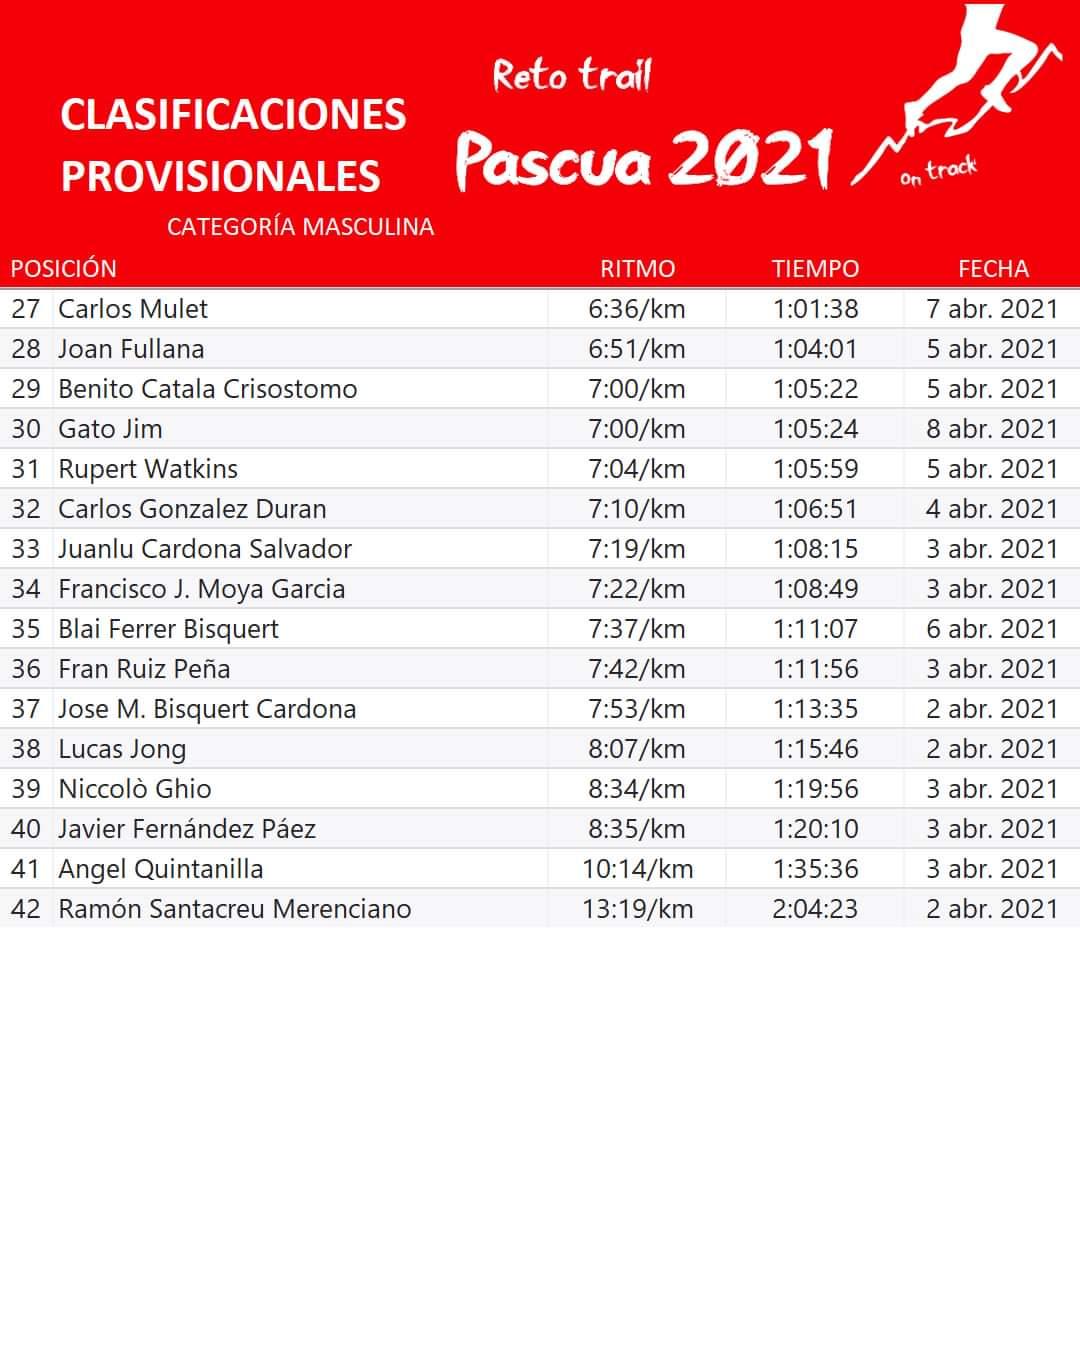 Clasificación provisional masculina Trail Pascua 2021